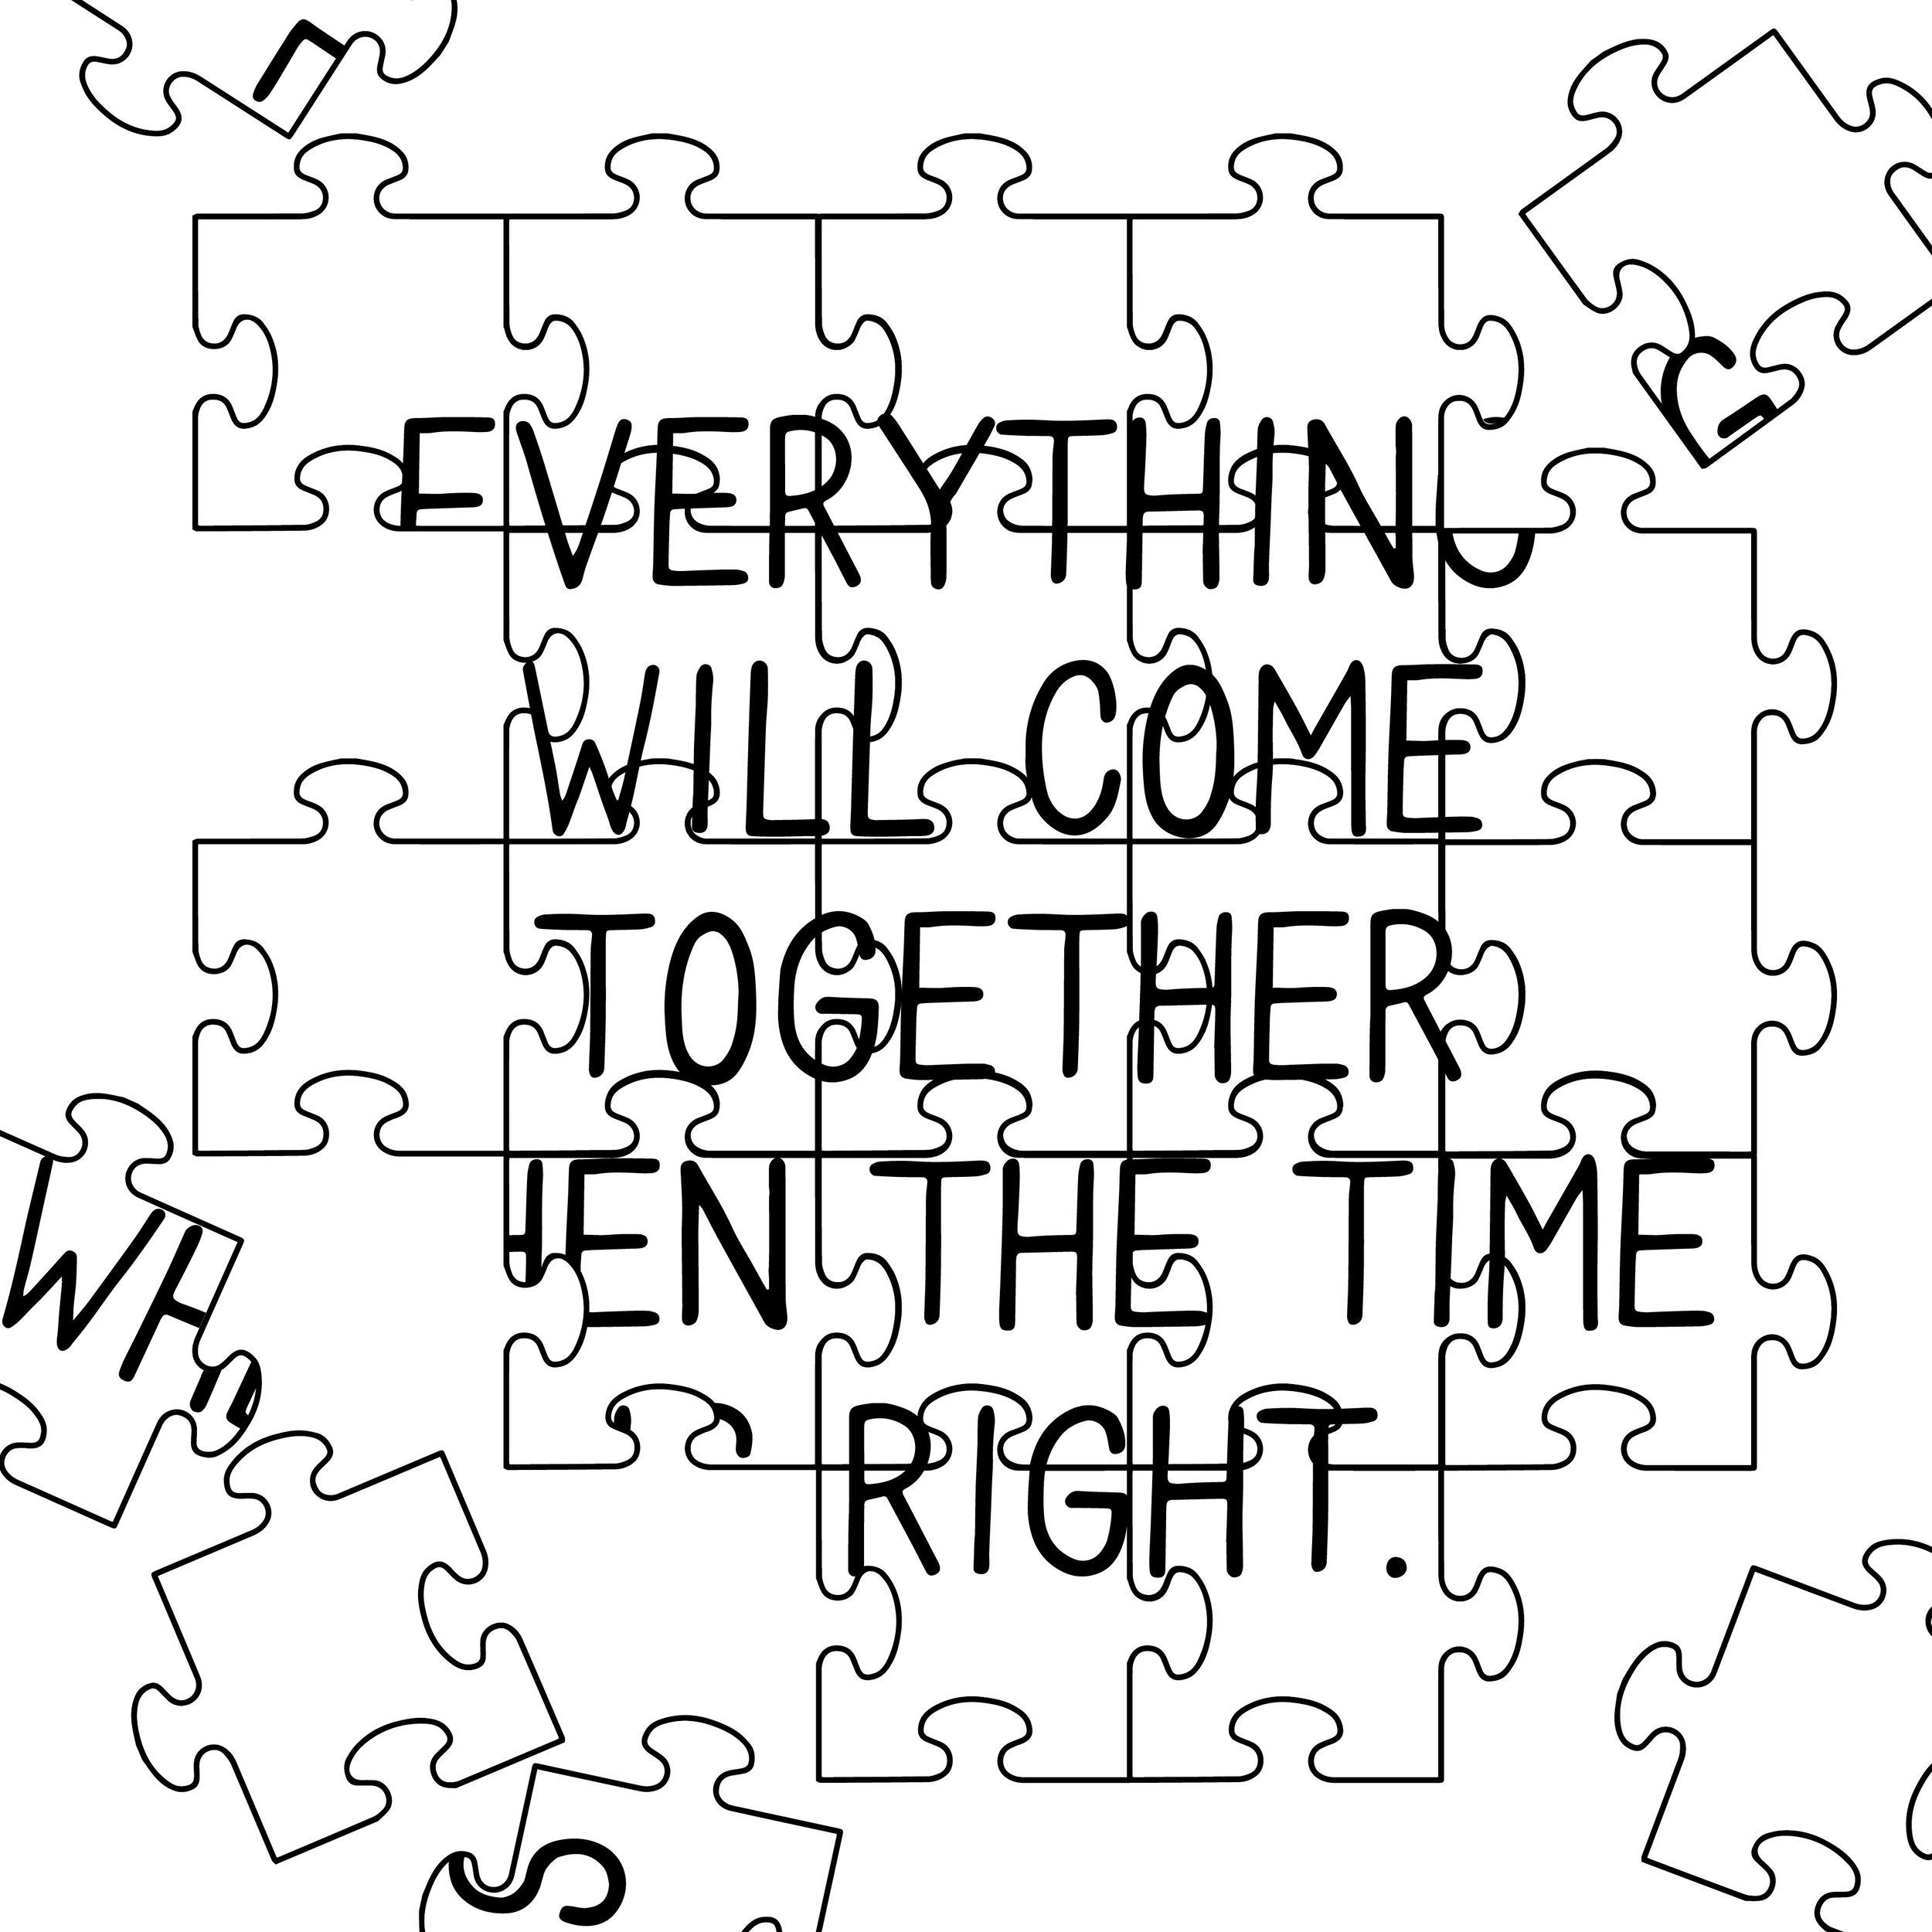 EVERYTHINGWILLCOMETOGETHER-01.jpg